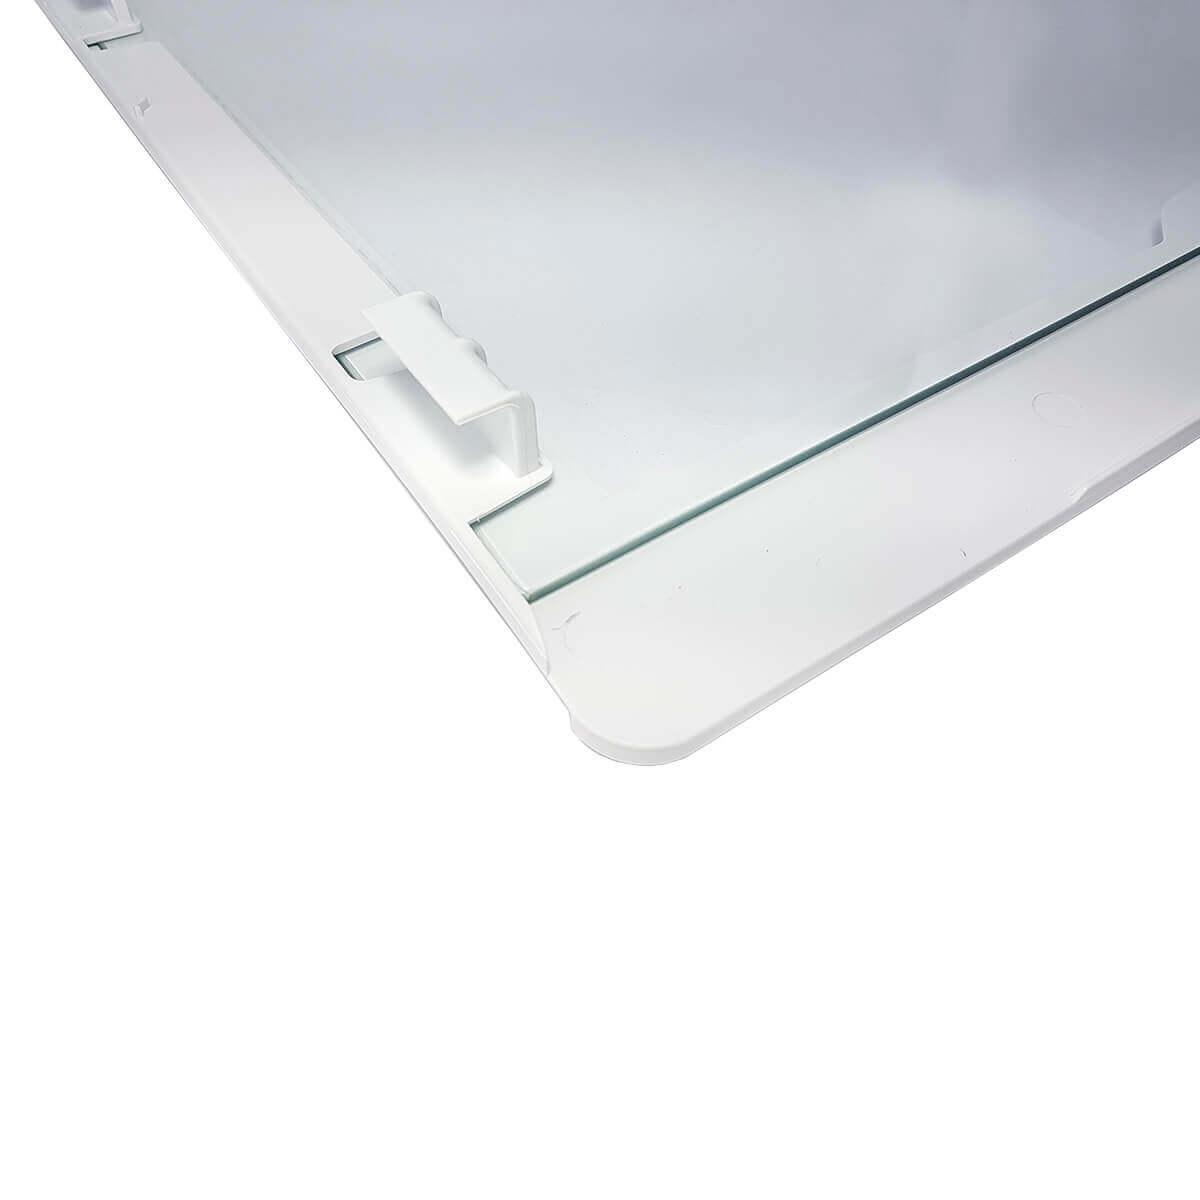 Prateleira De Vidro Para Refrigerador Electrolux DF82 DF82X - A99179201